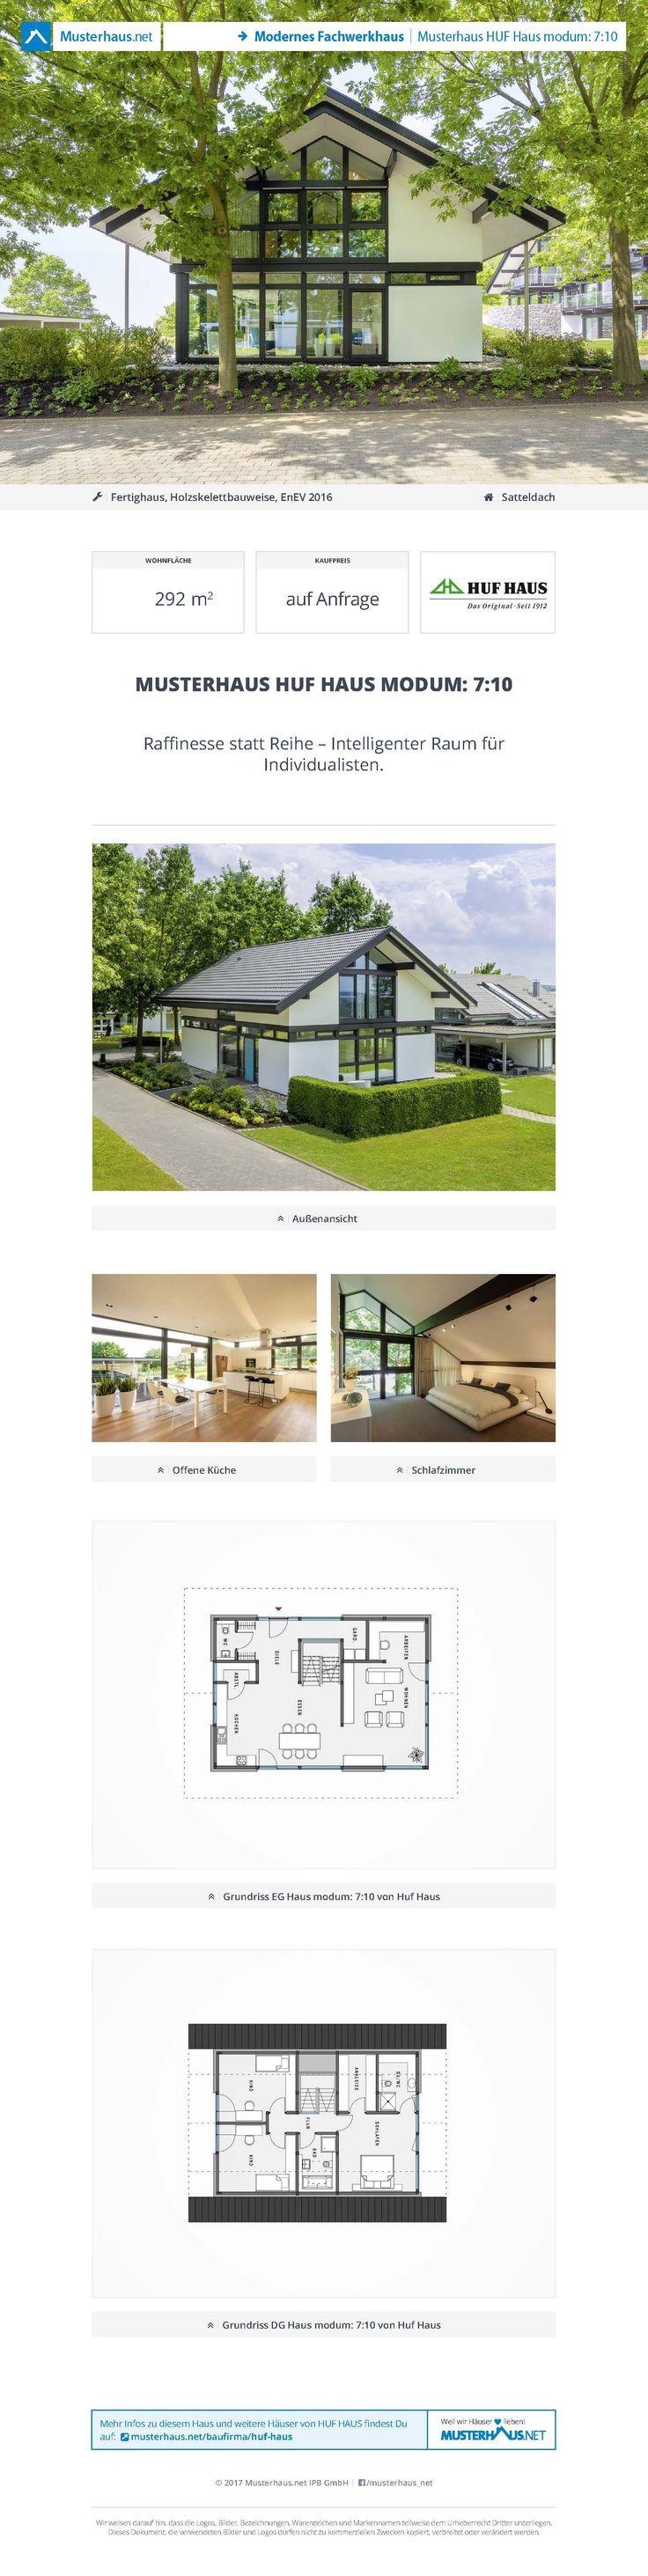 Huf Haus Modum 7 10 Fachwerkhaus Von Energiesparendes Skeletthaus